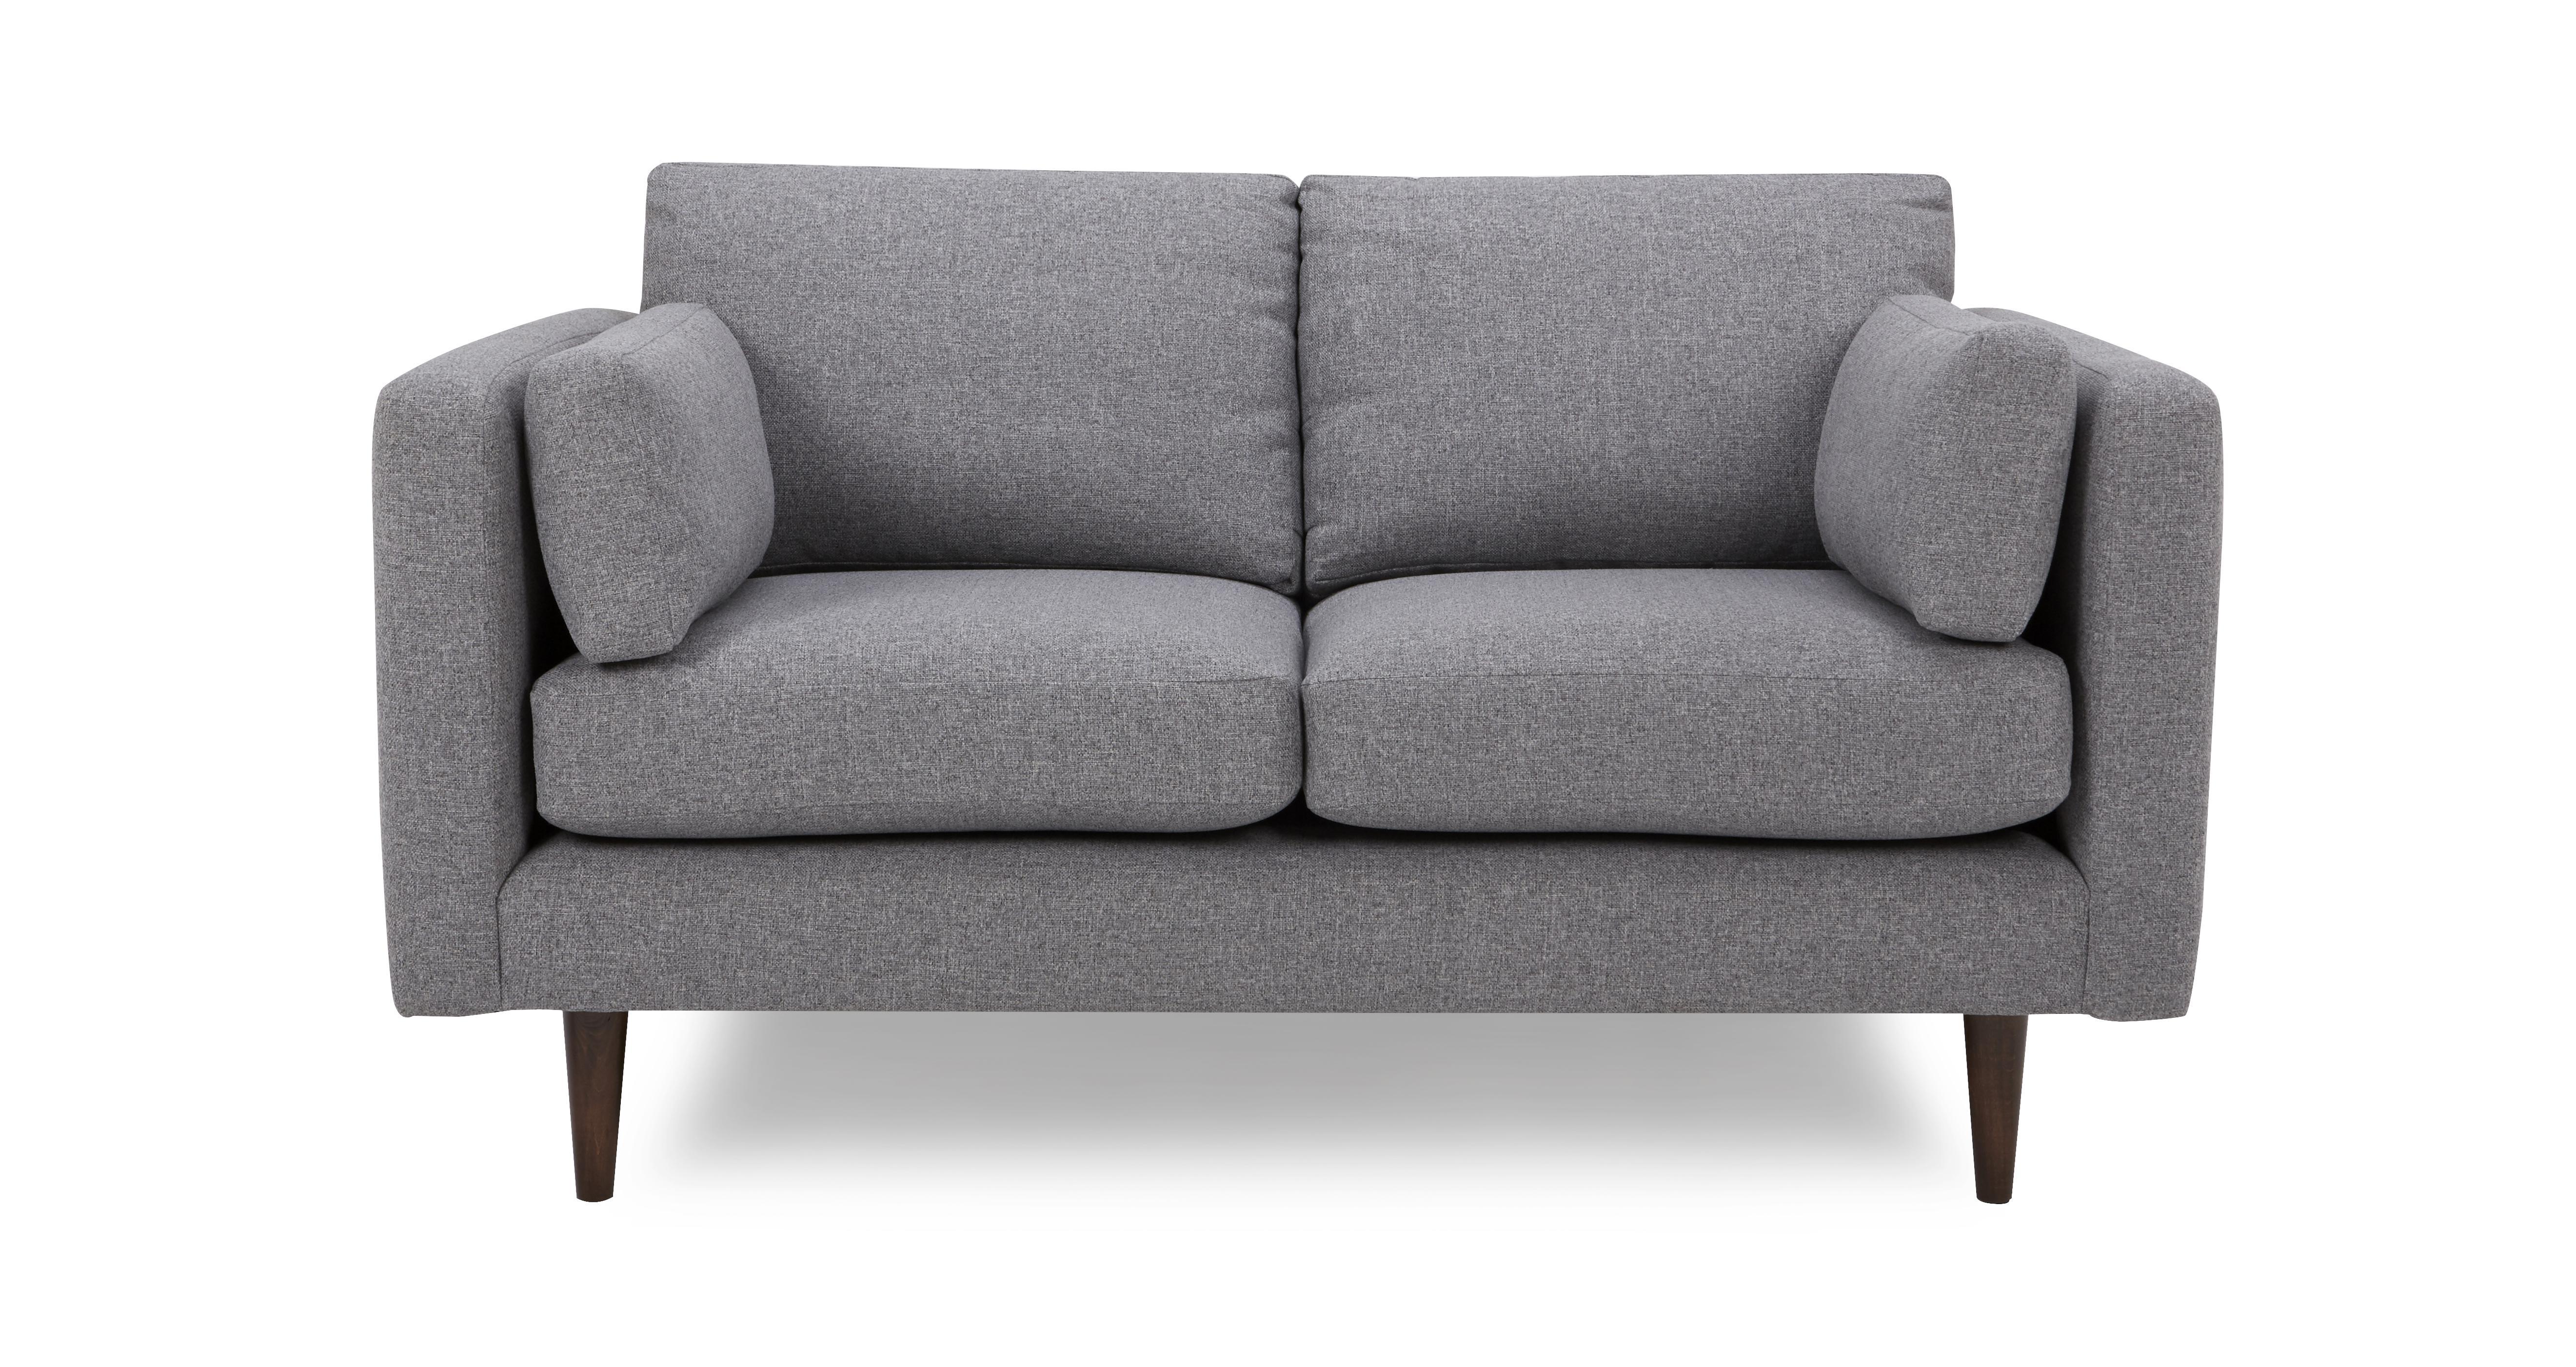 marl fabric kleine bank marl plain dfs banken. Black Bedroom Furniture Sets. Home Design Ideas